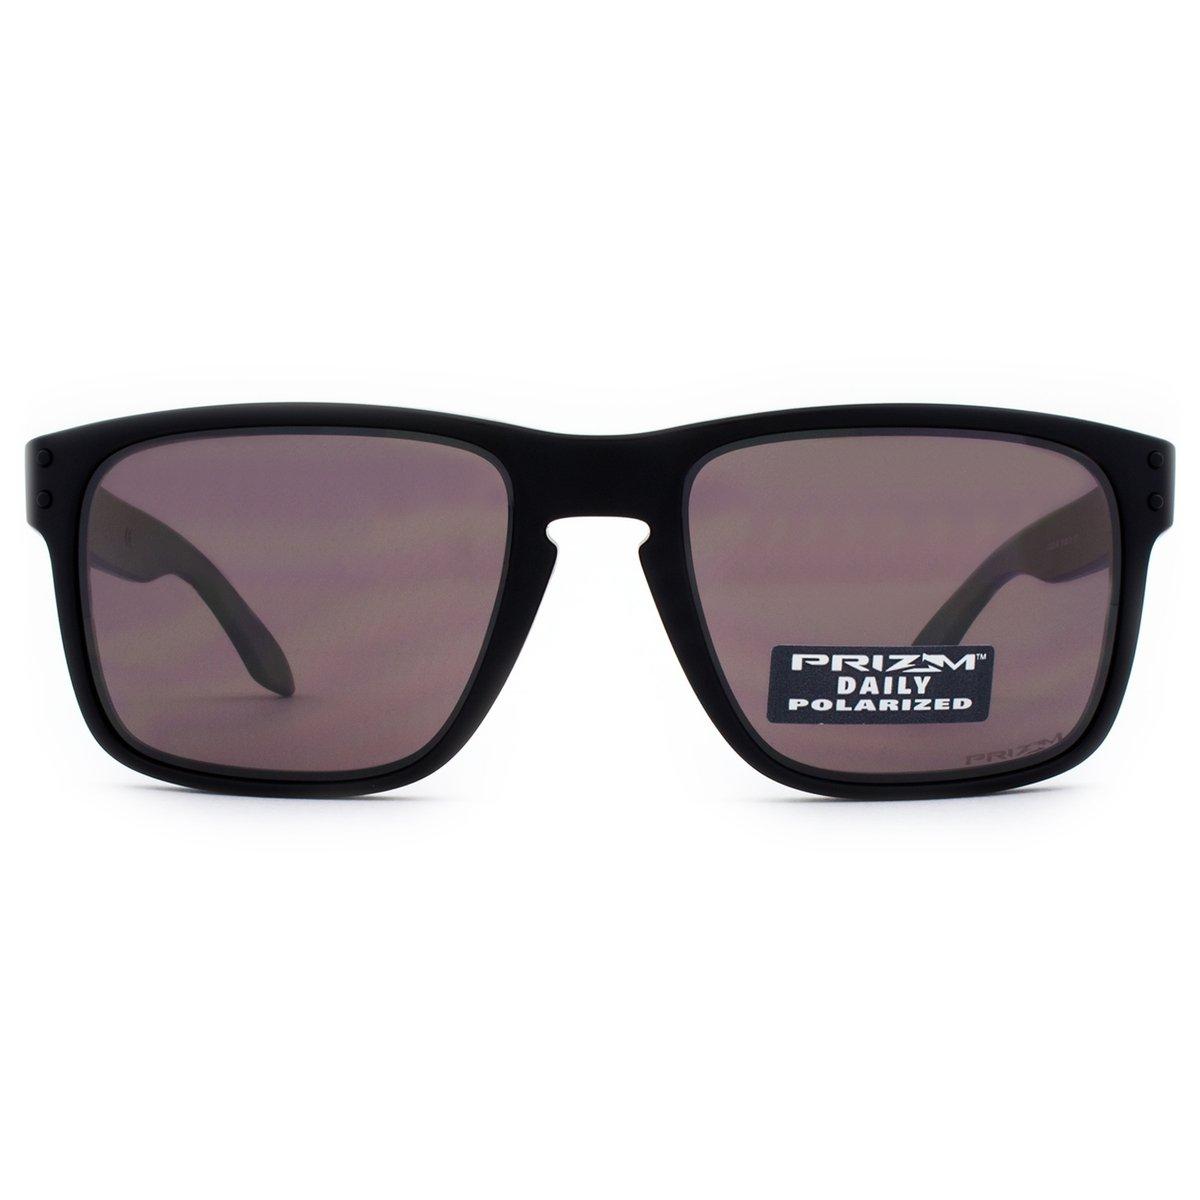 2841d63e72edb Óculos Oakley Holbrook Polarizado OO9102 90 55 - Compre Agora